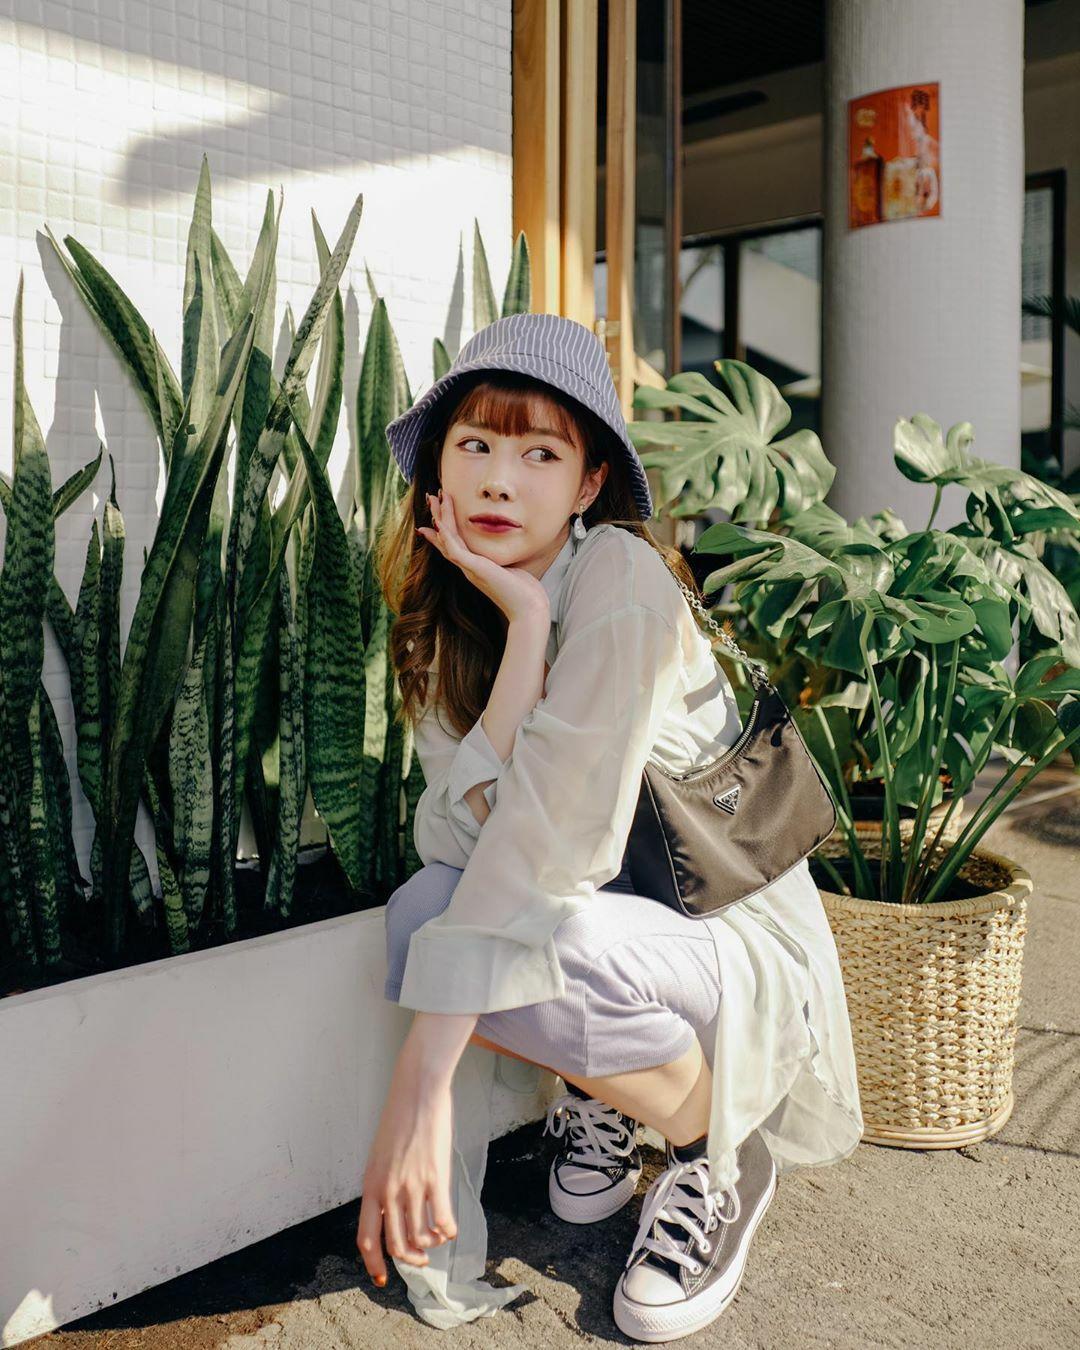 Nàng beauty blogger định hướng theo đuổi style Hàn với những chiêu makeup, làm tóc như các ulzzang hay idol. Phong cách ăn mặc của cô vì thế mà cũng chịu ảnh hưởng lớn từ các cô gái xứ kim chi.